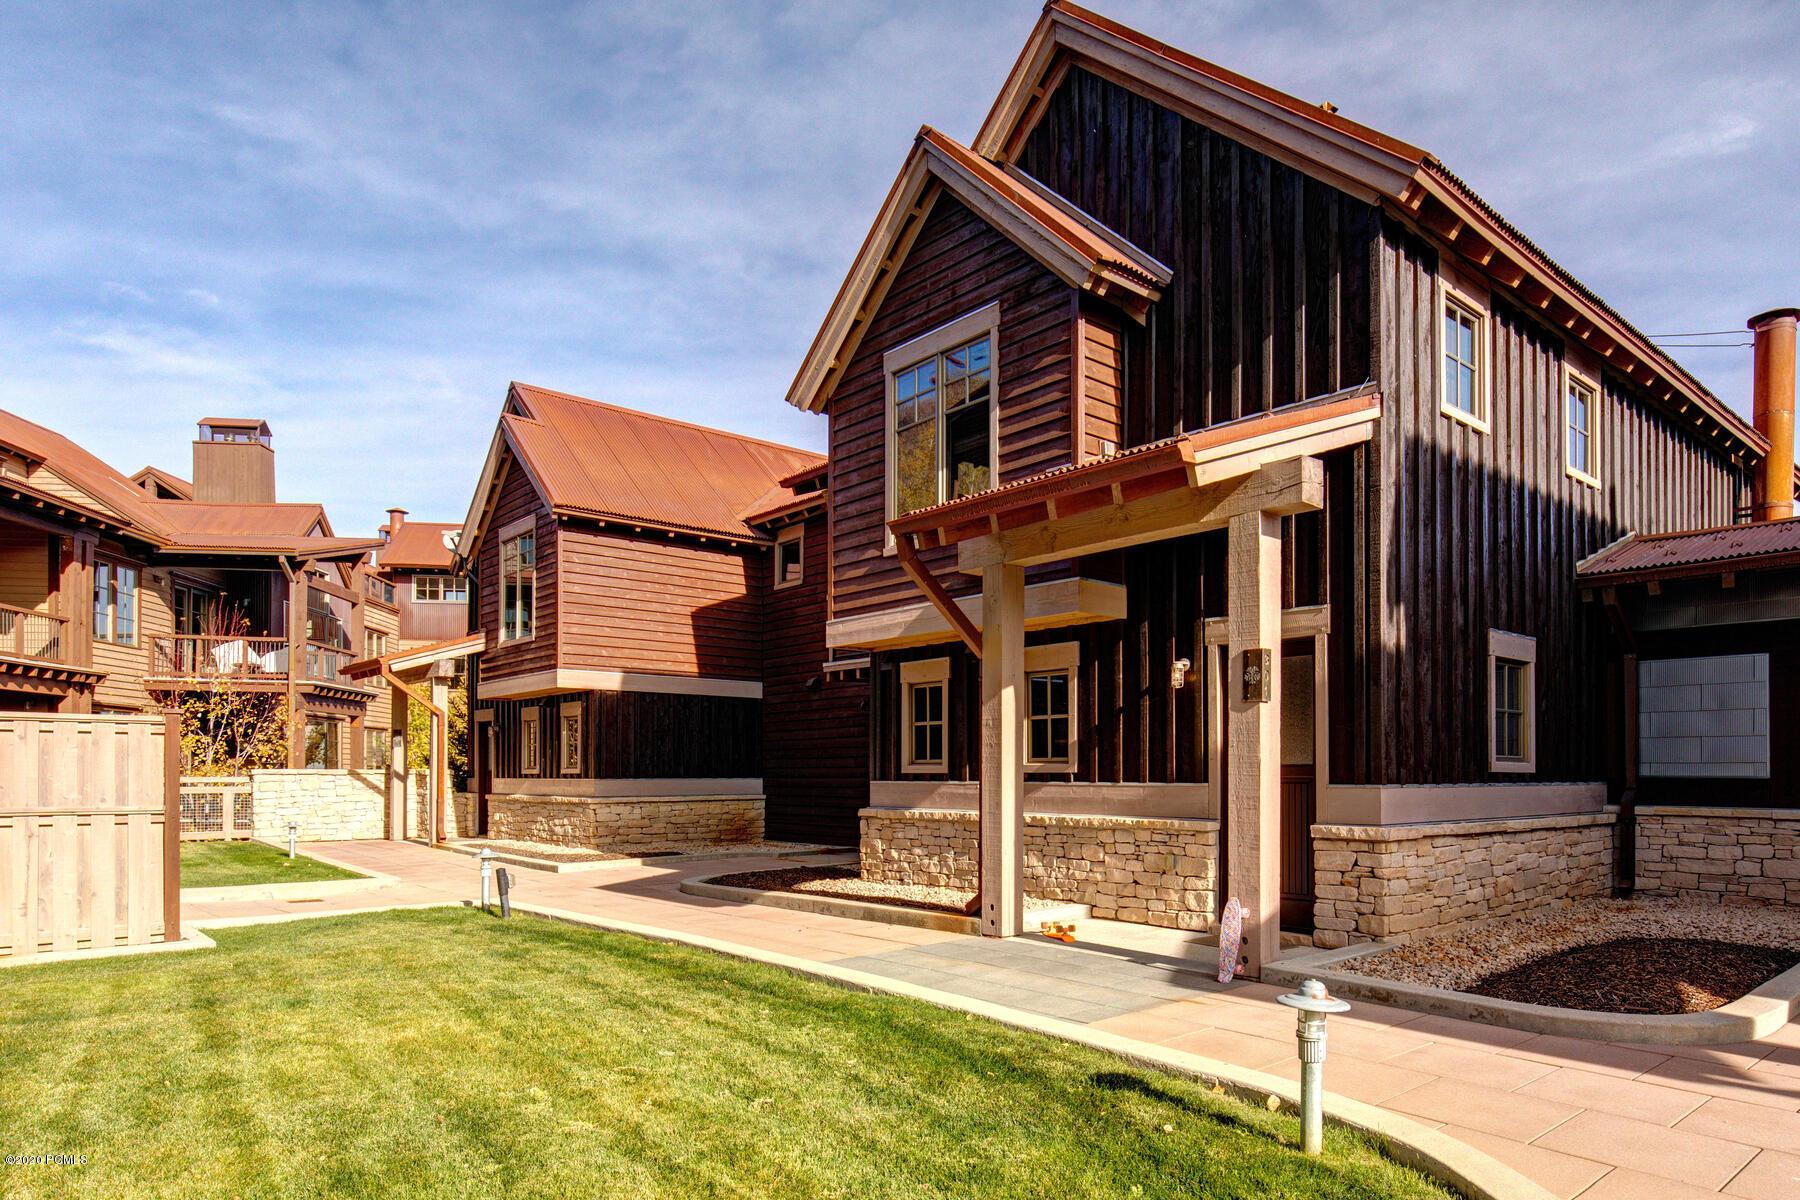 1825 Three Kings Drive, Park City, Utah 84060, 2 Bedrooms Bedrooms, ,3 BathroomsBathrooms,Condominium,For Sale,Three Kings Drive,12004020